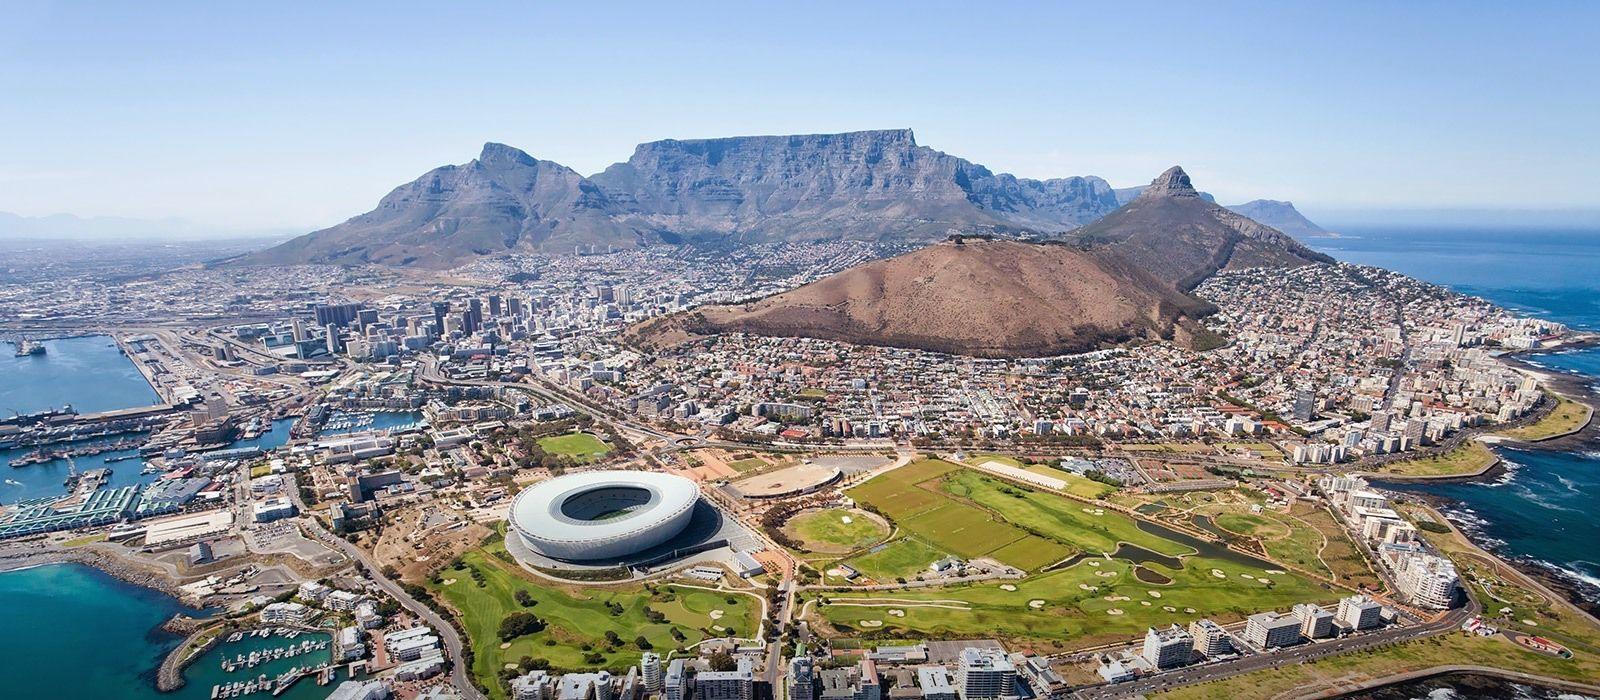 Große Rundreise im südlichen Afrika Urlaub 5